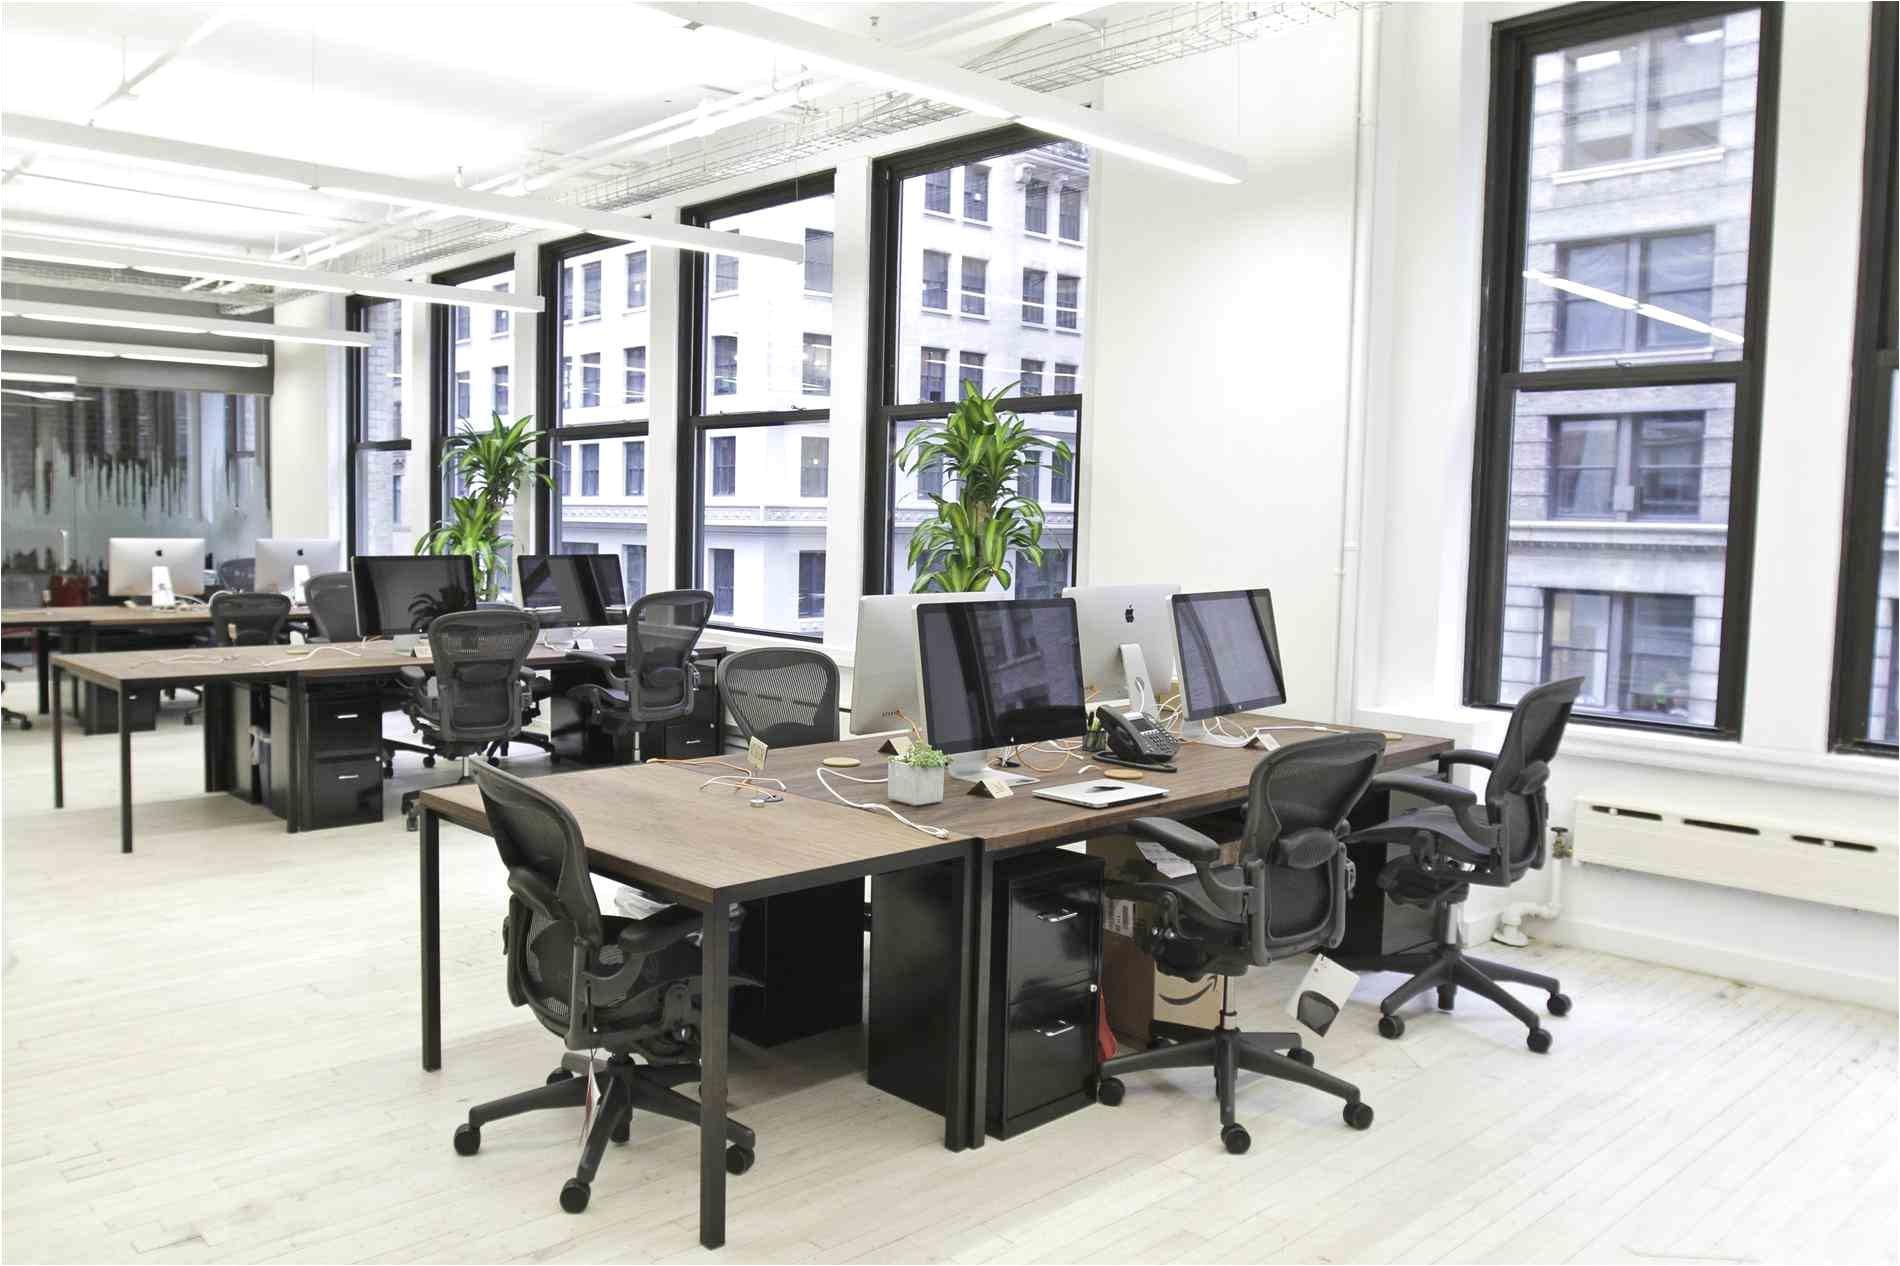 used office furniture richmond va luxury used office furniture richmond va